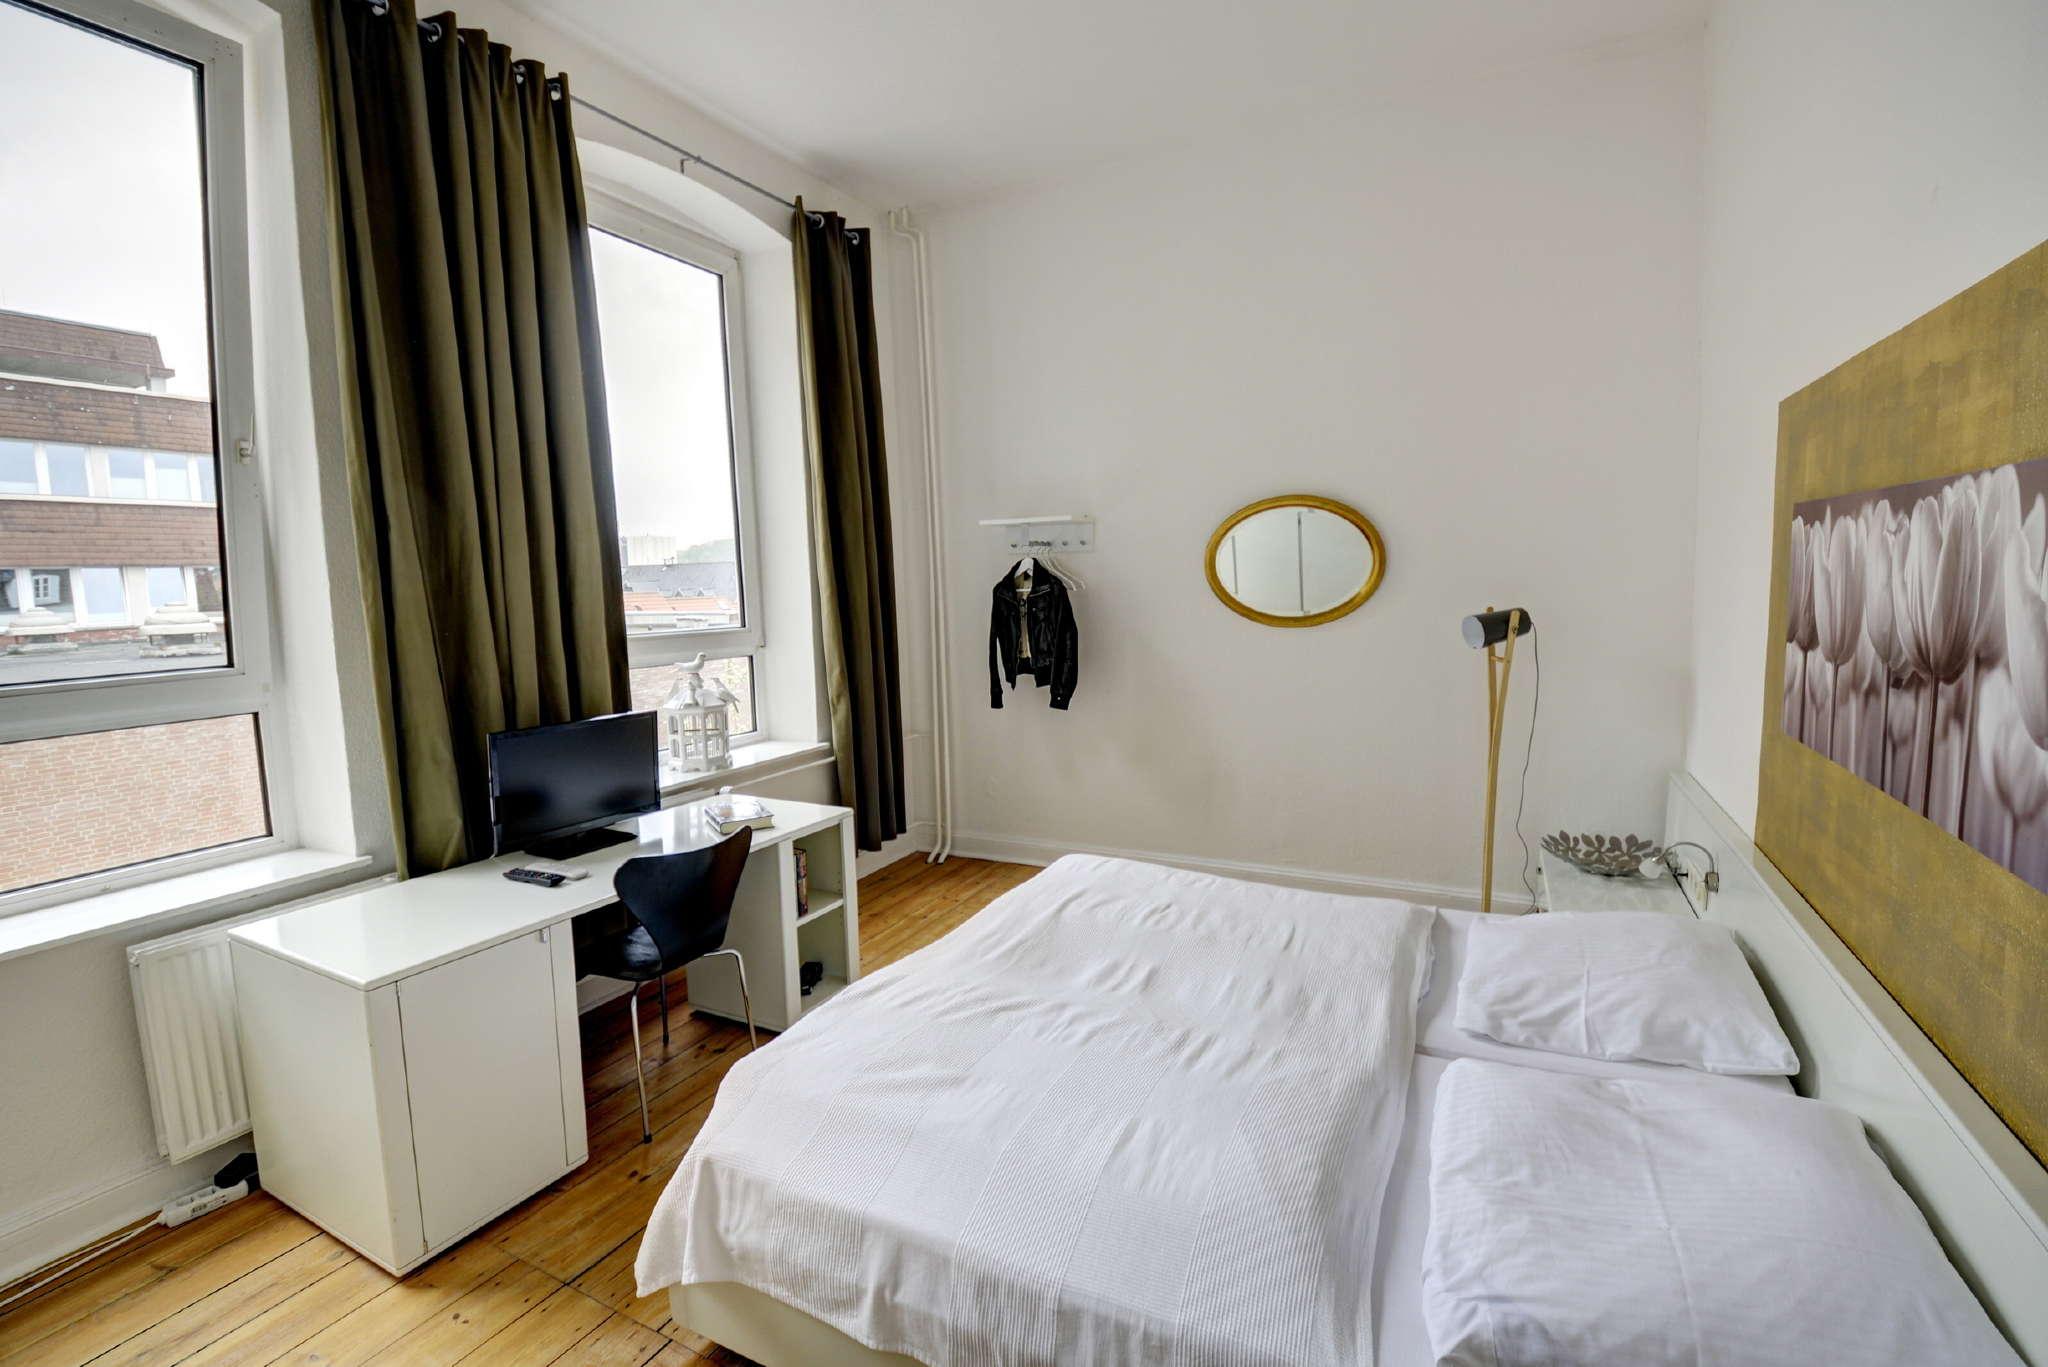 Schlafzimmer mit großem Doppelbett 2 x 2